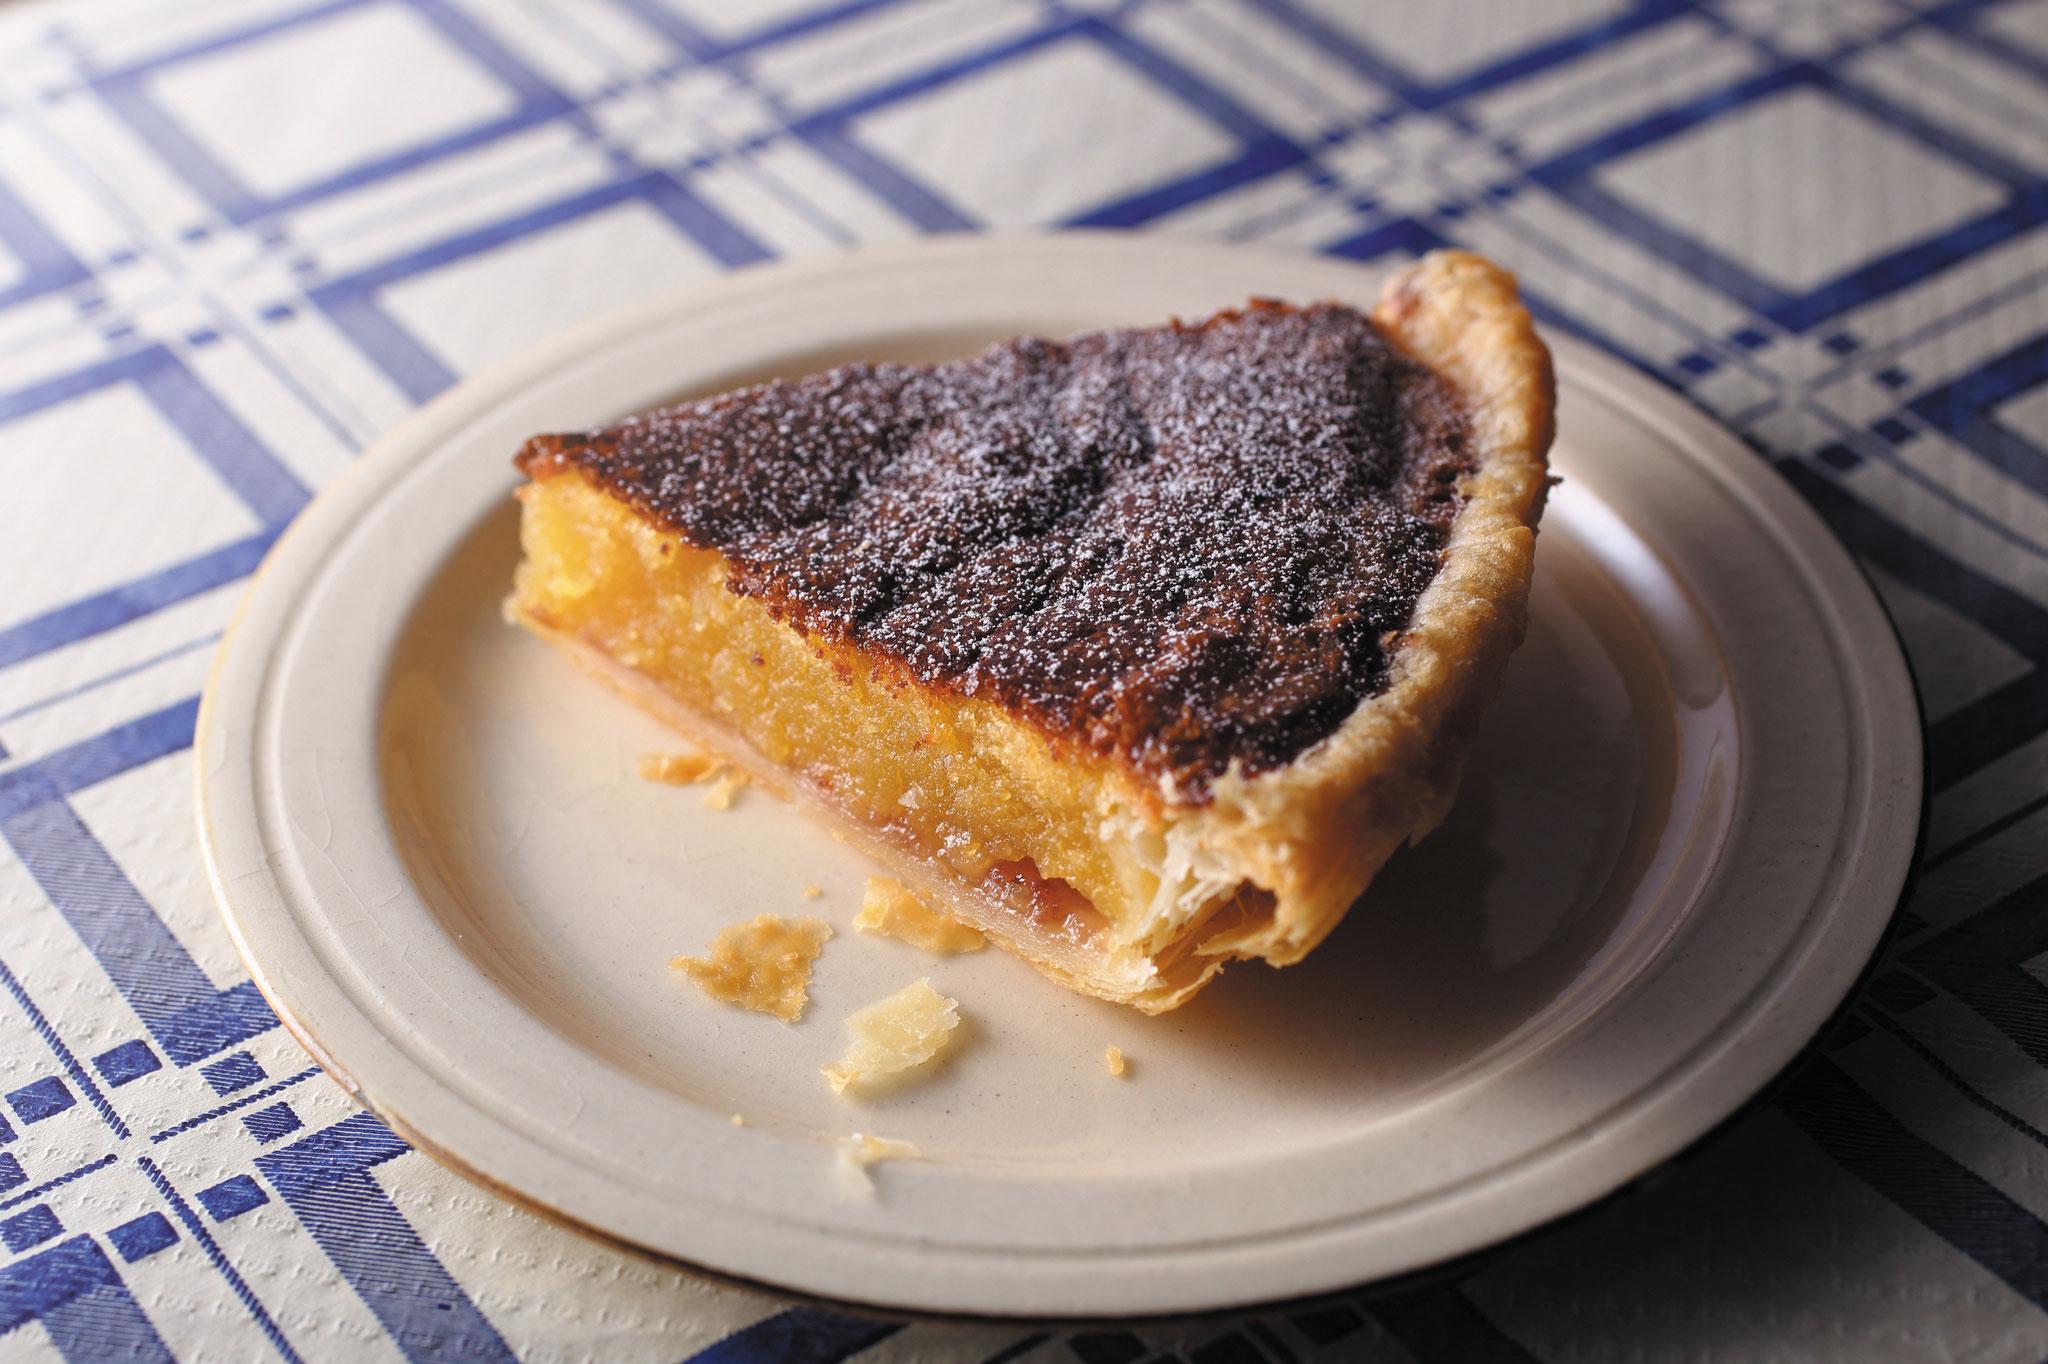 イギリス・ベイクウェルの郷土菓子「ベイクウェルタルト」